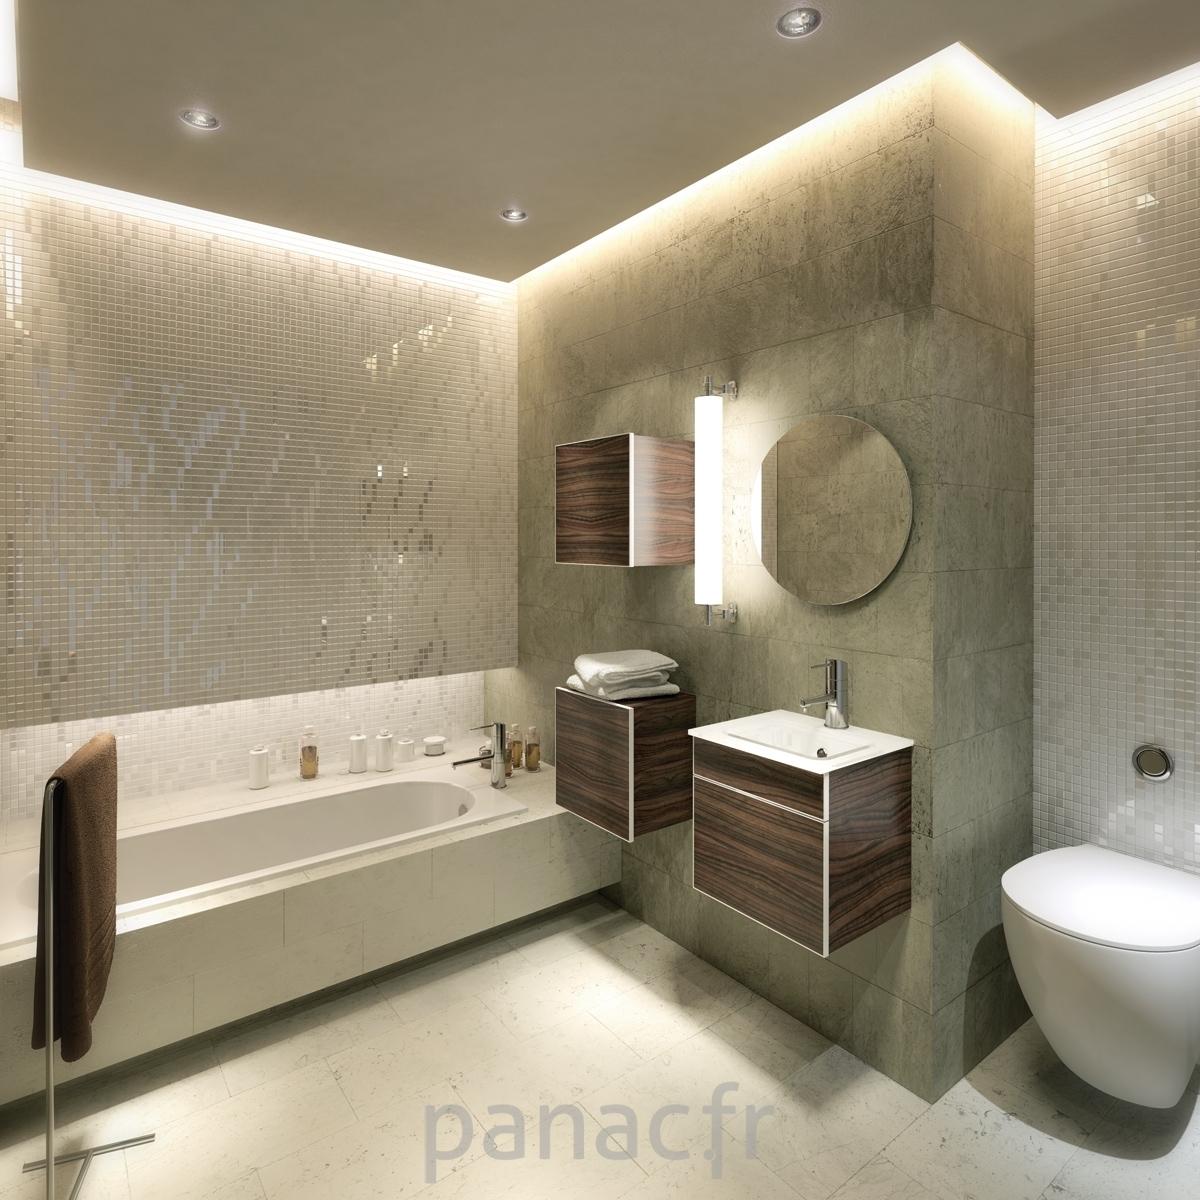 Salle de bain moderne, salle de bain design 37 panac fr.jpg